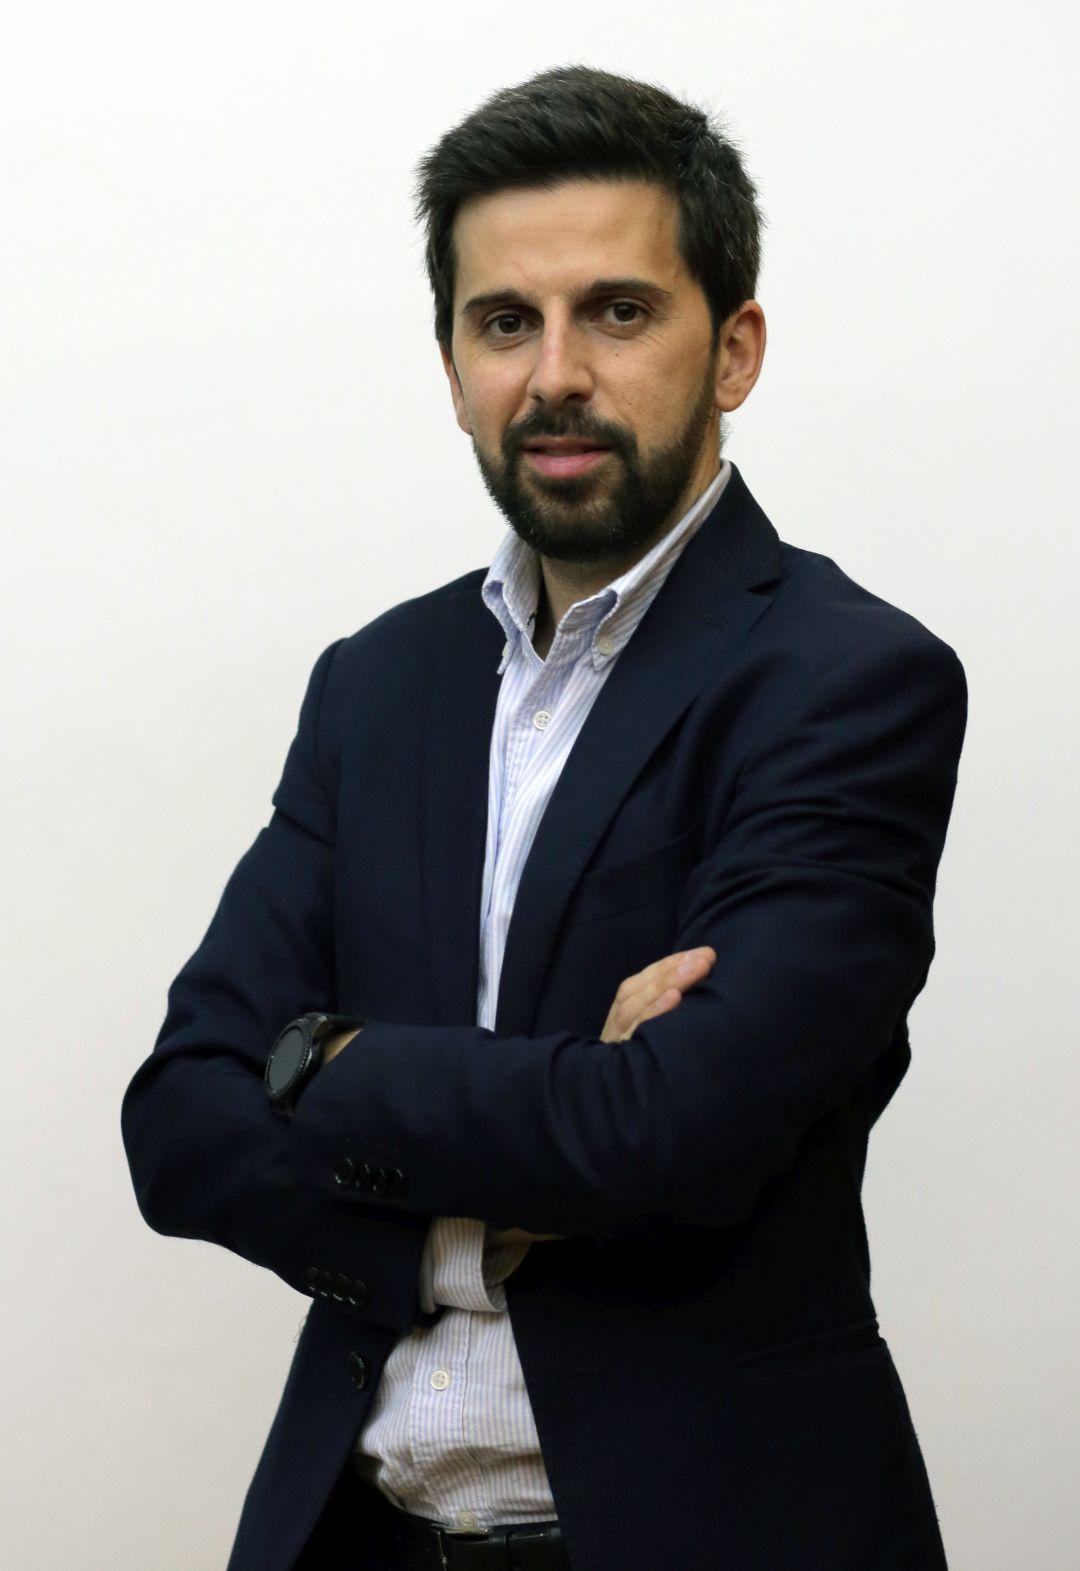 Filipe Cerqueira